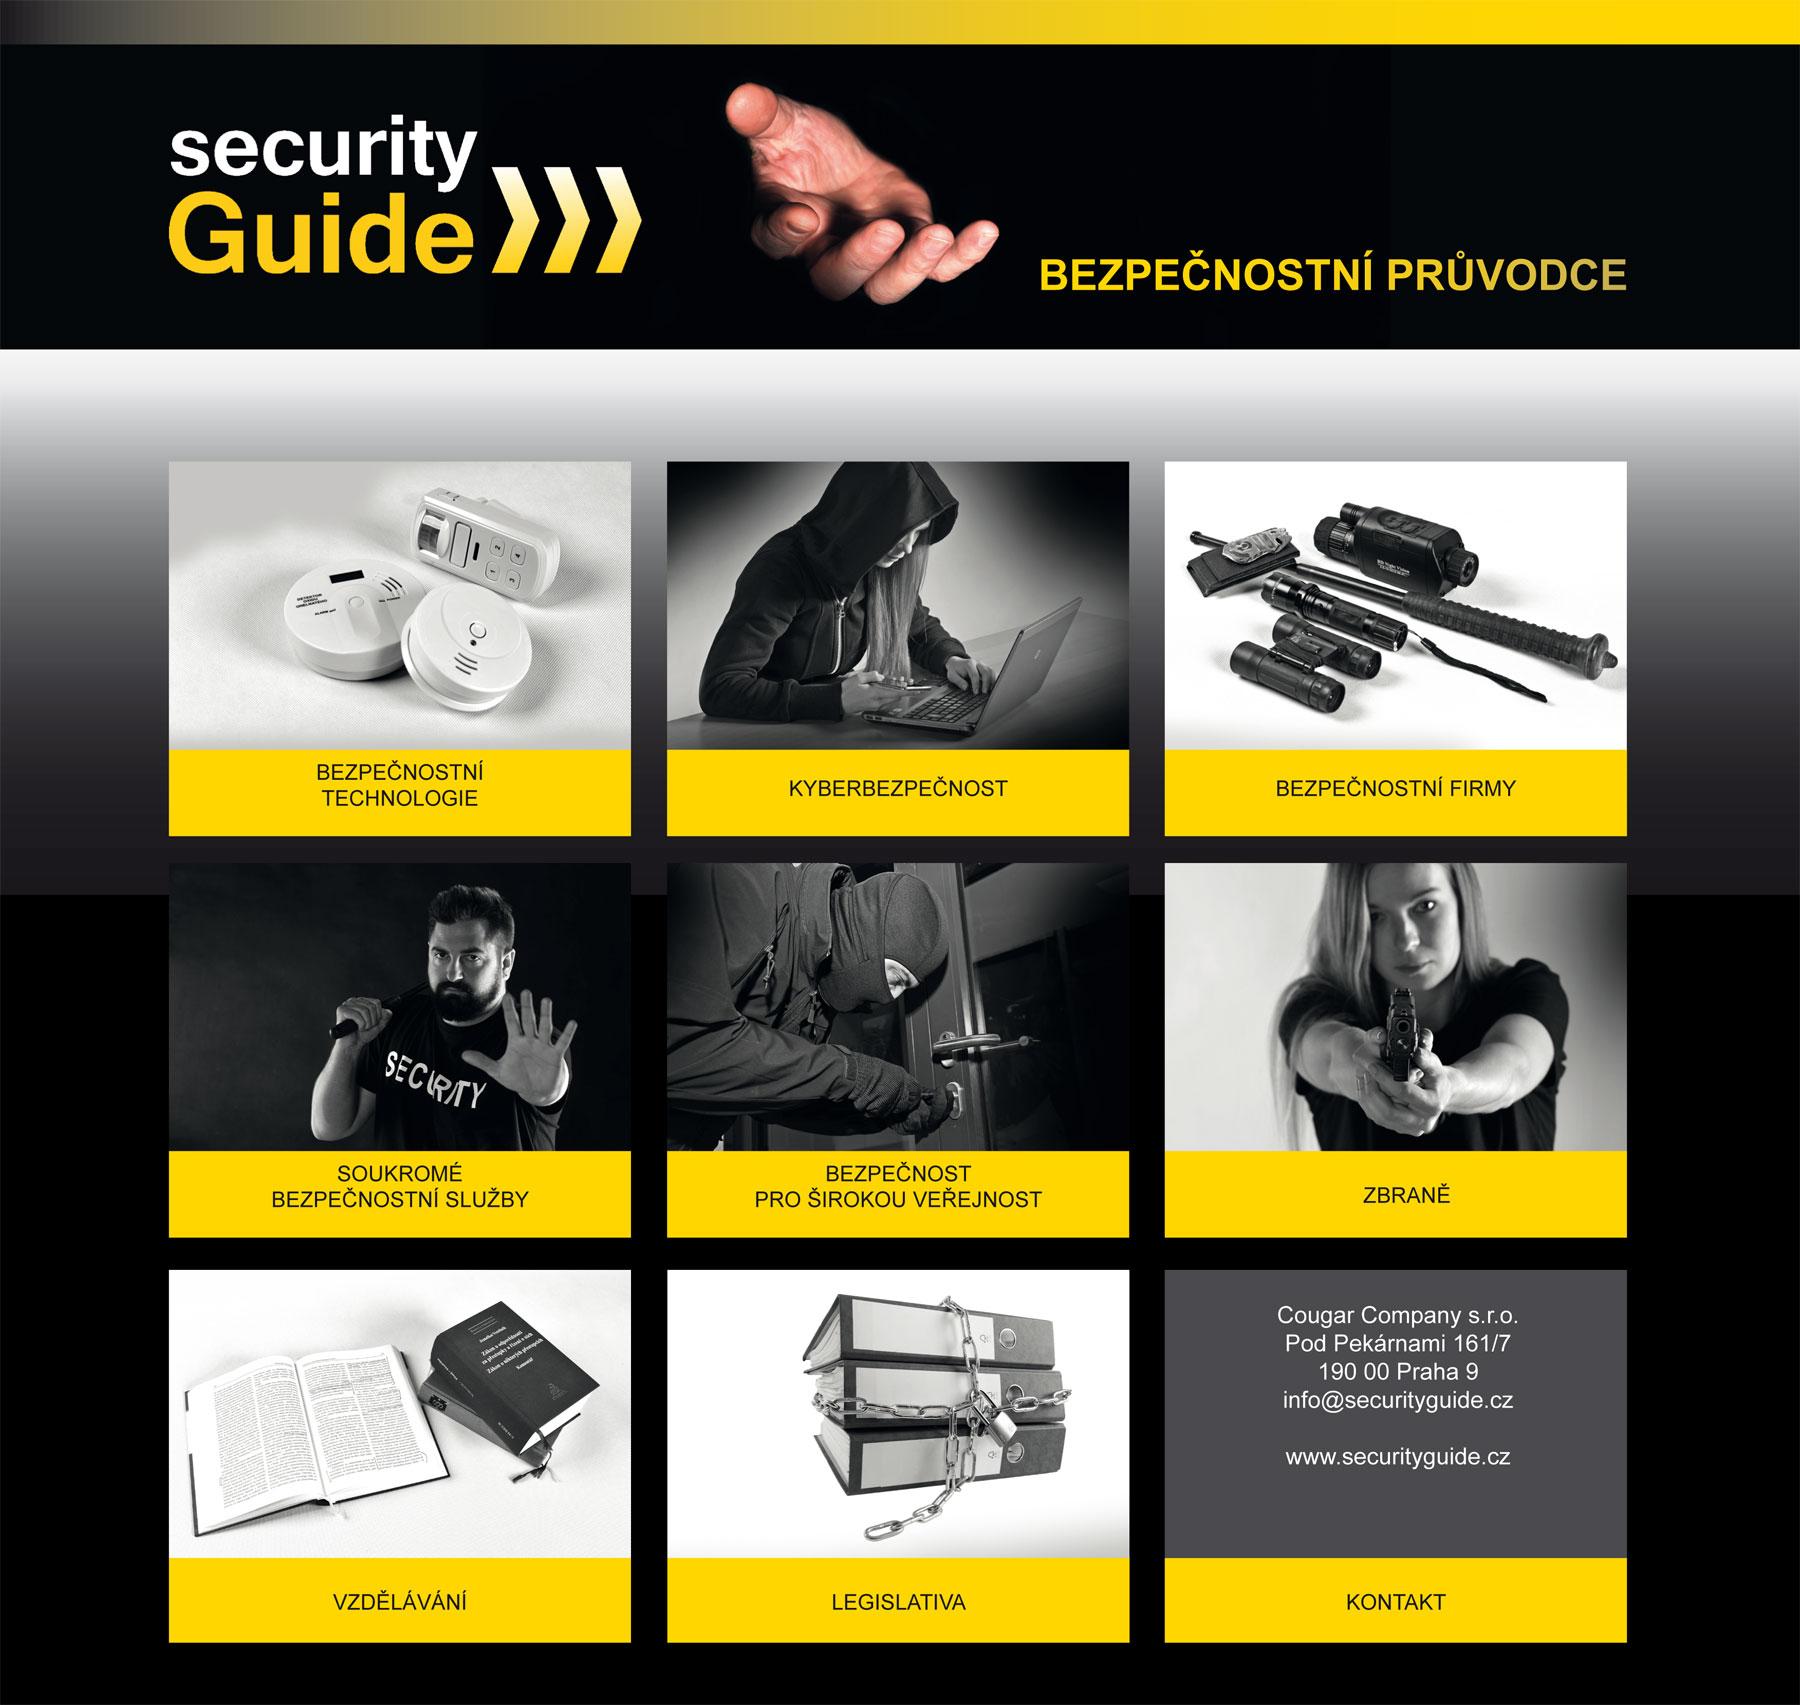 reklamní a ilustrační fotografie pro novou vizuální identitu Security Guide